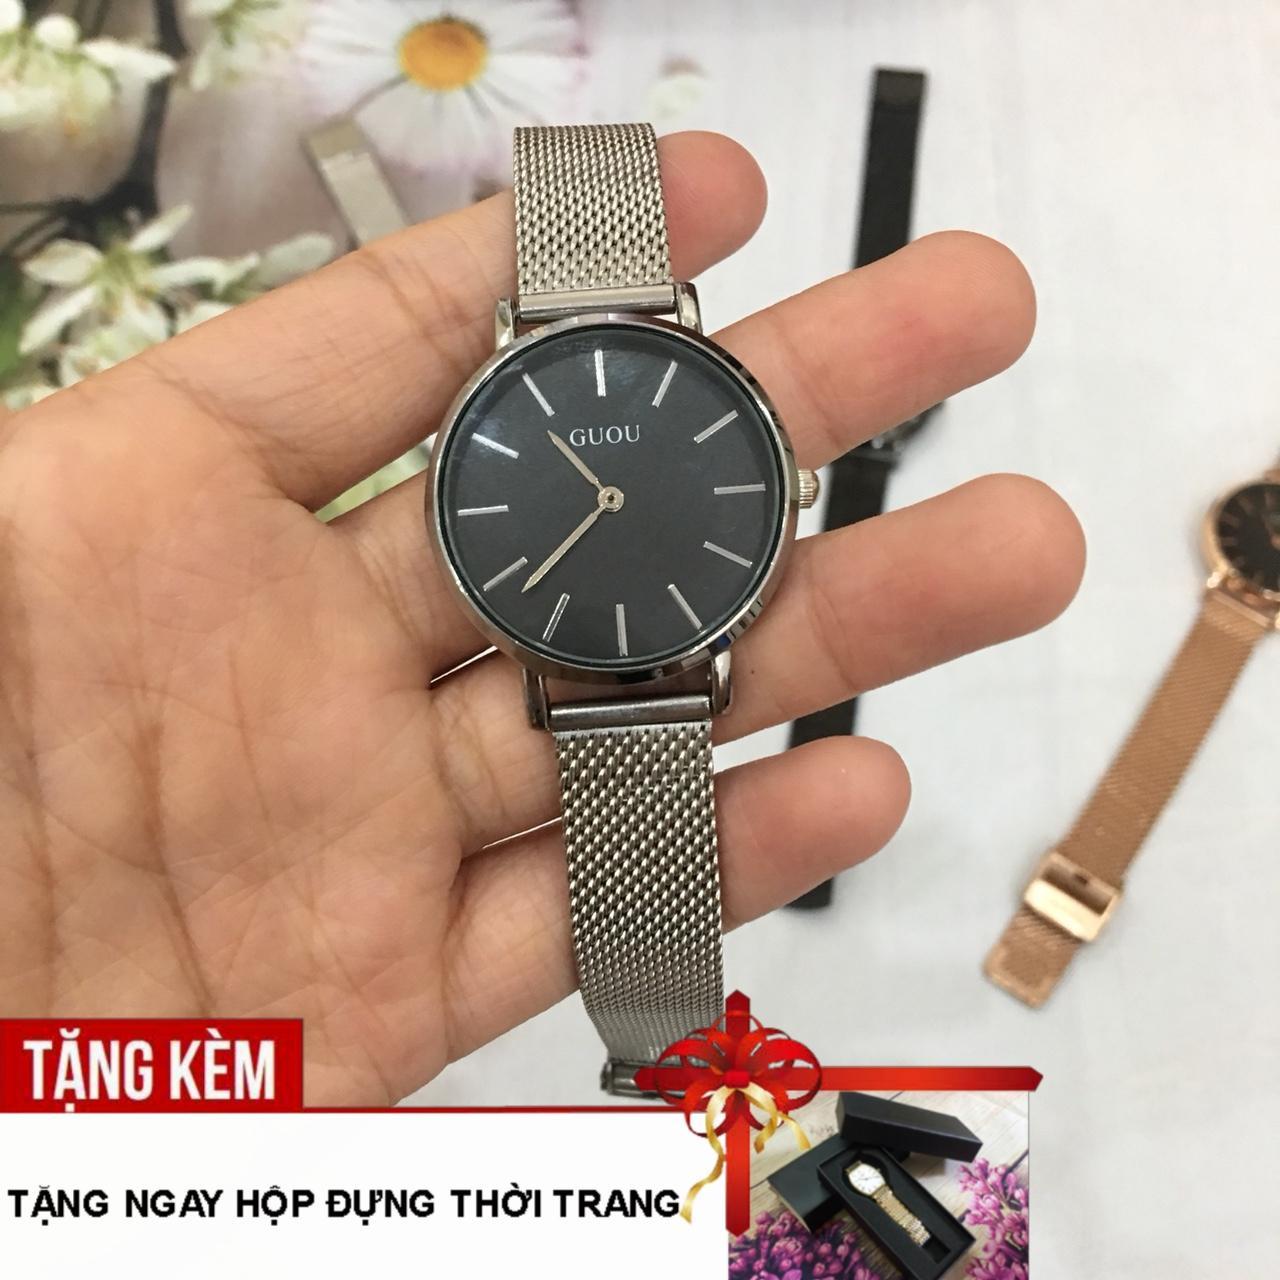 Nơi bán [RẺ ĐỪNG HỎI- TẶNG KÈM HỘP CAO CÂP] Đồng hồ nữ GUOU 2 kim chạy dây thép nhuyễn sang trọng G43-61